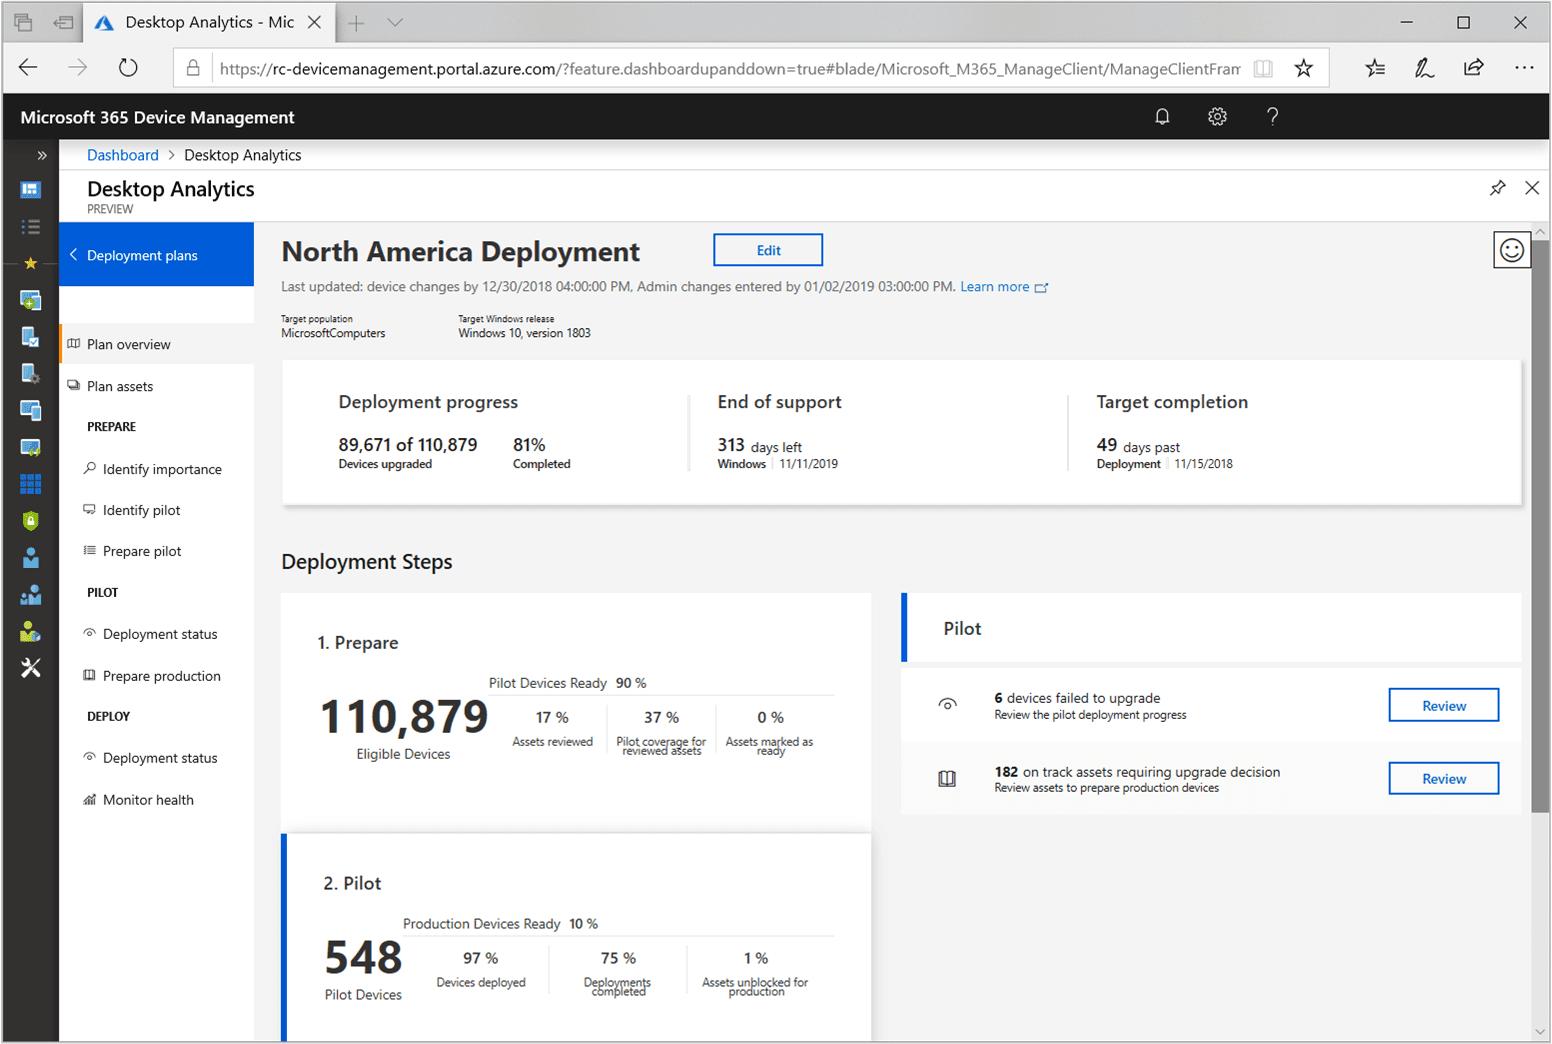 Microsoft windows Technology and Productivity Score